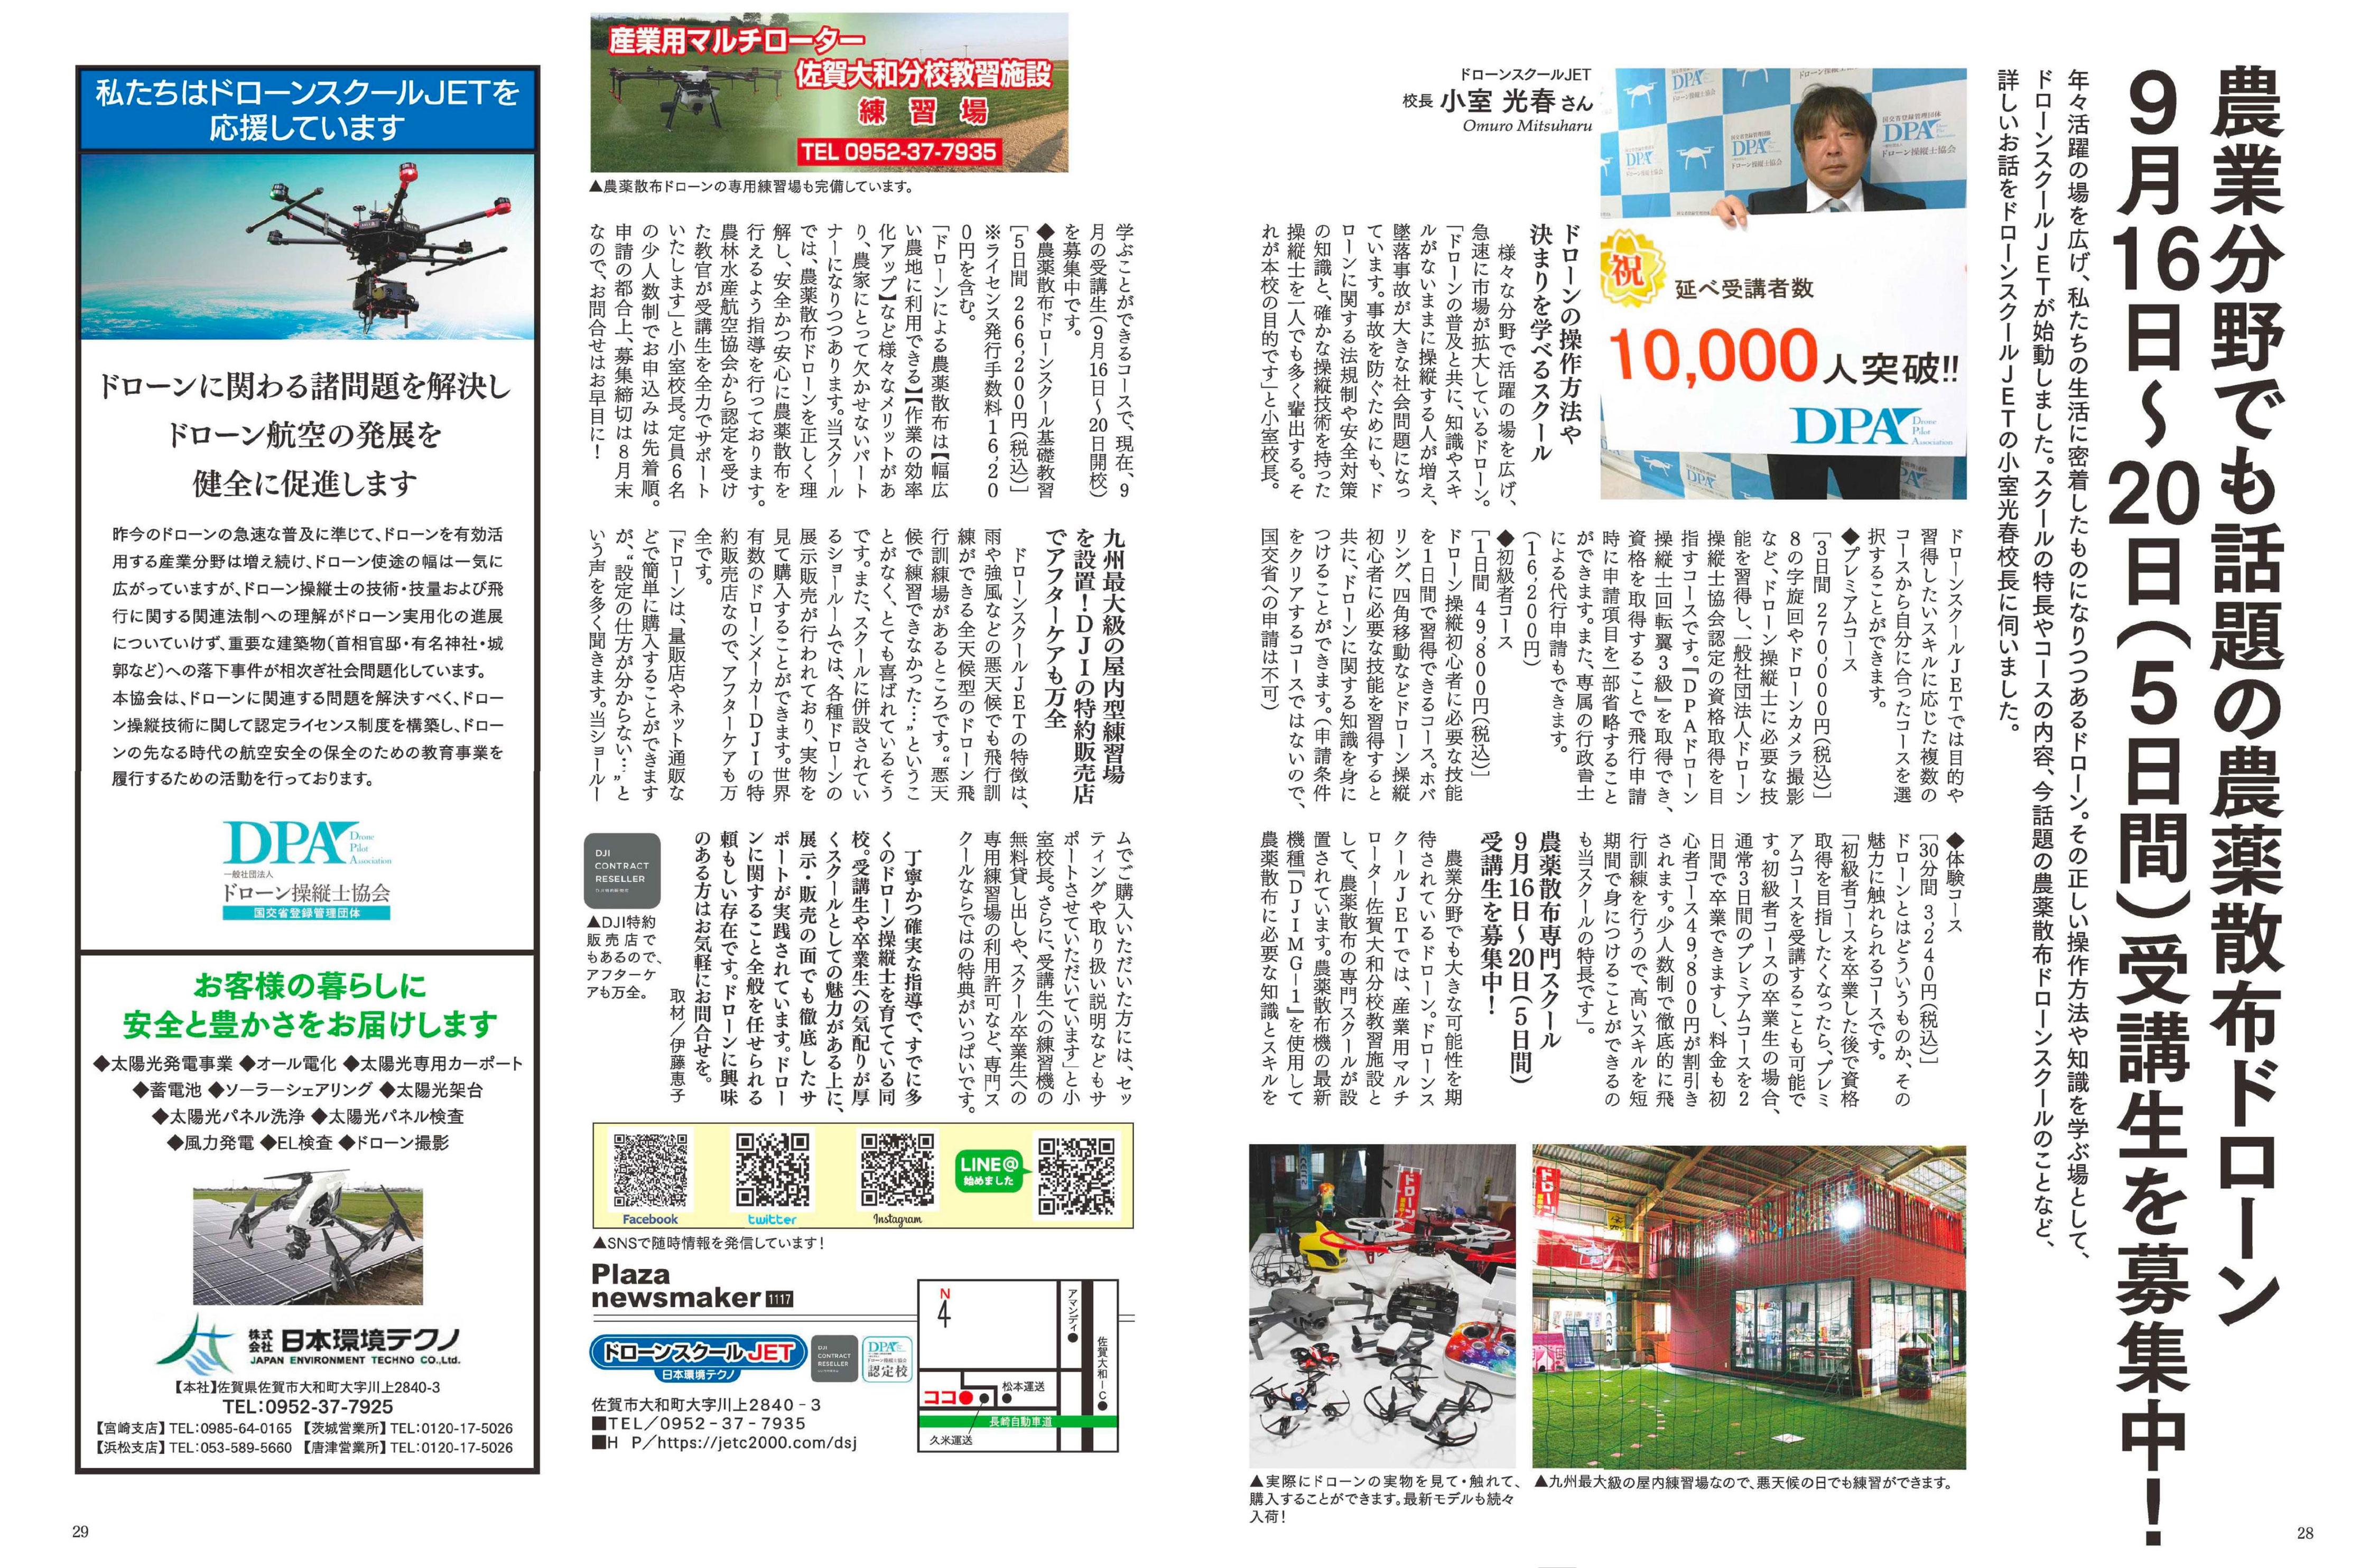 月刊ぷらざ佐賀2019年7月号